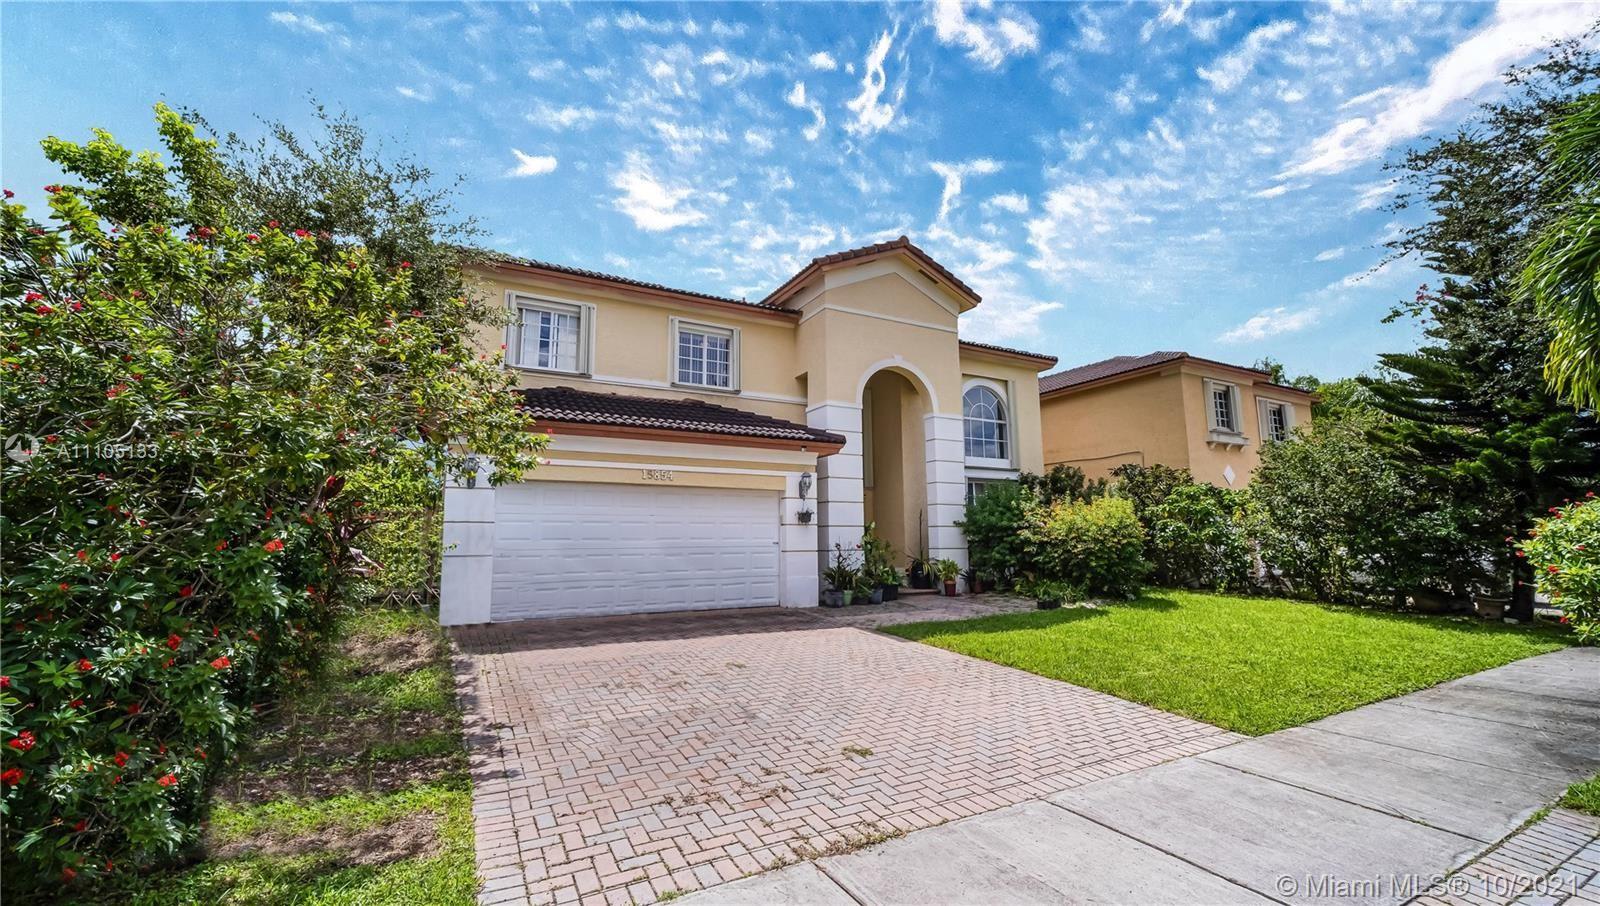 15854 SW 140th St, Miami, FL 33196 - #: A11105133